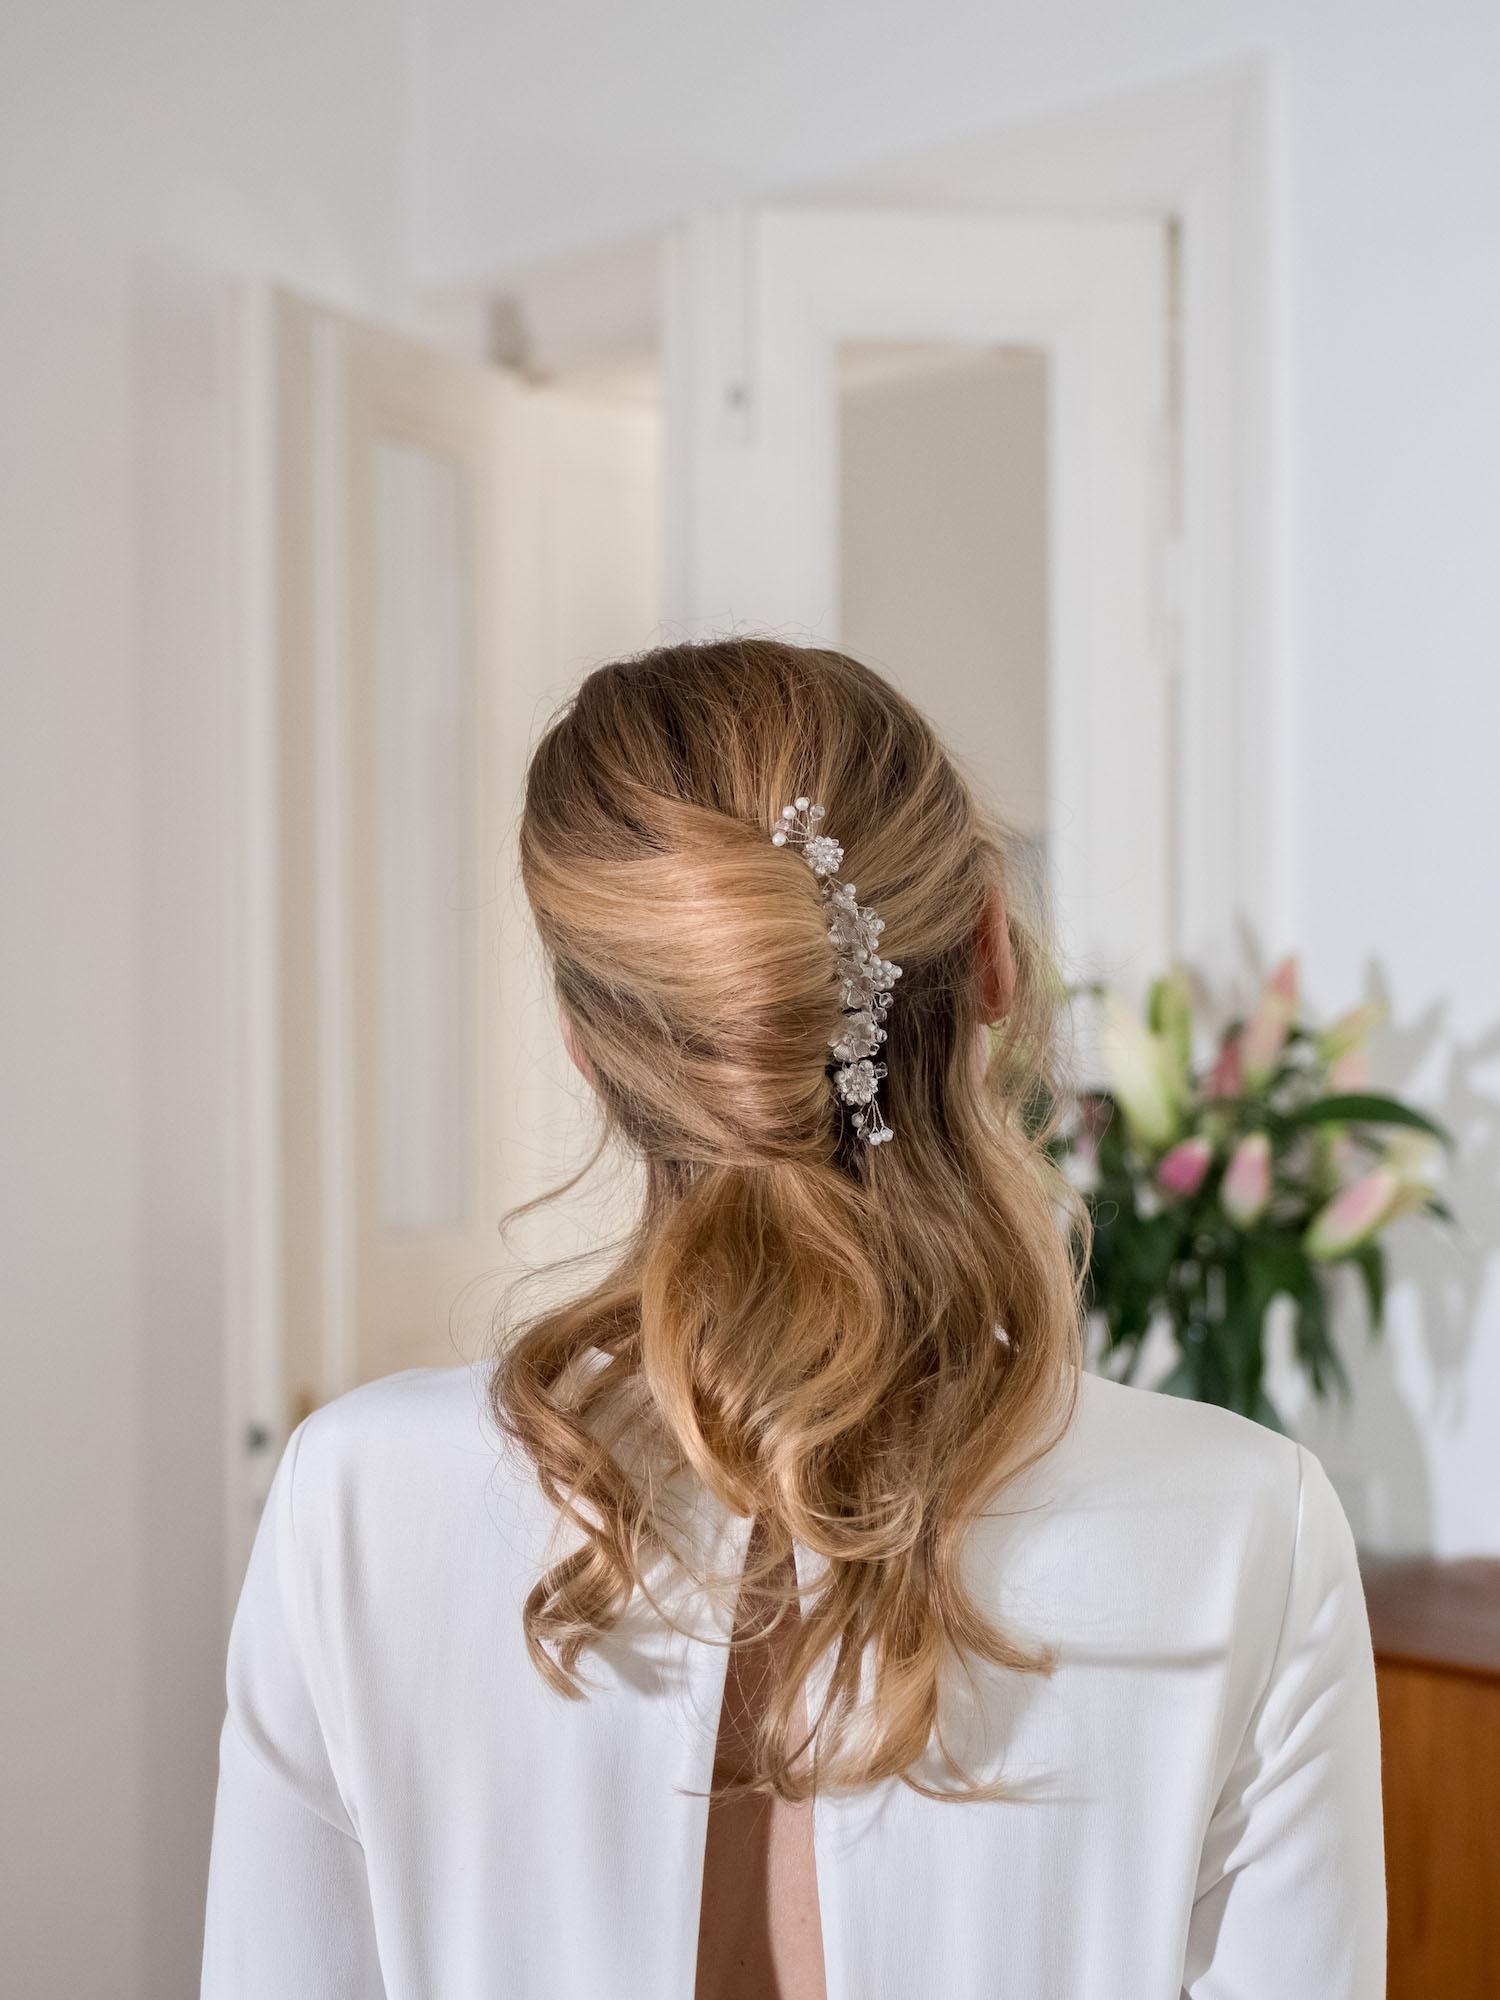 Beautyblog-Wedding-Hair-Banana-Bun